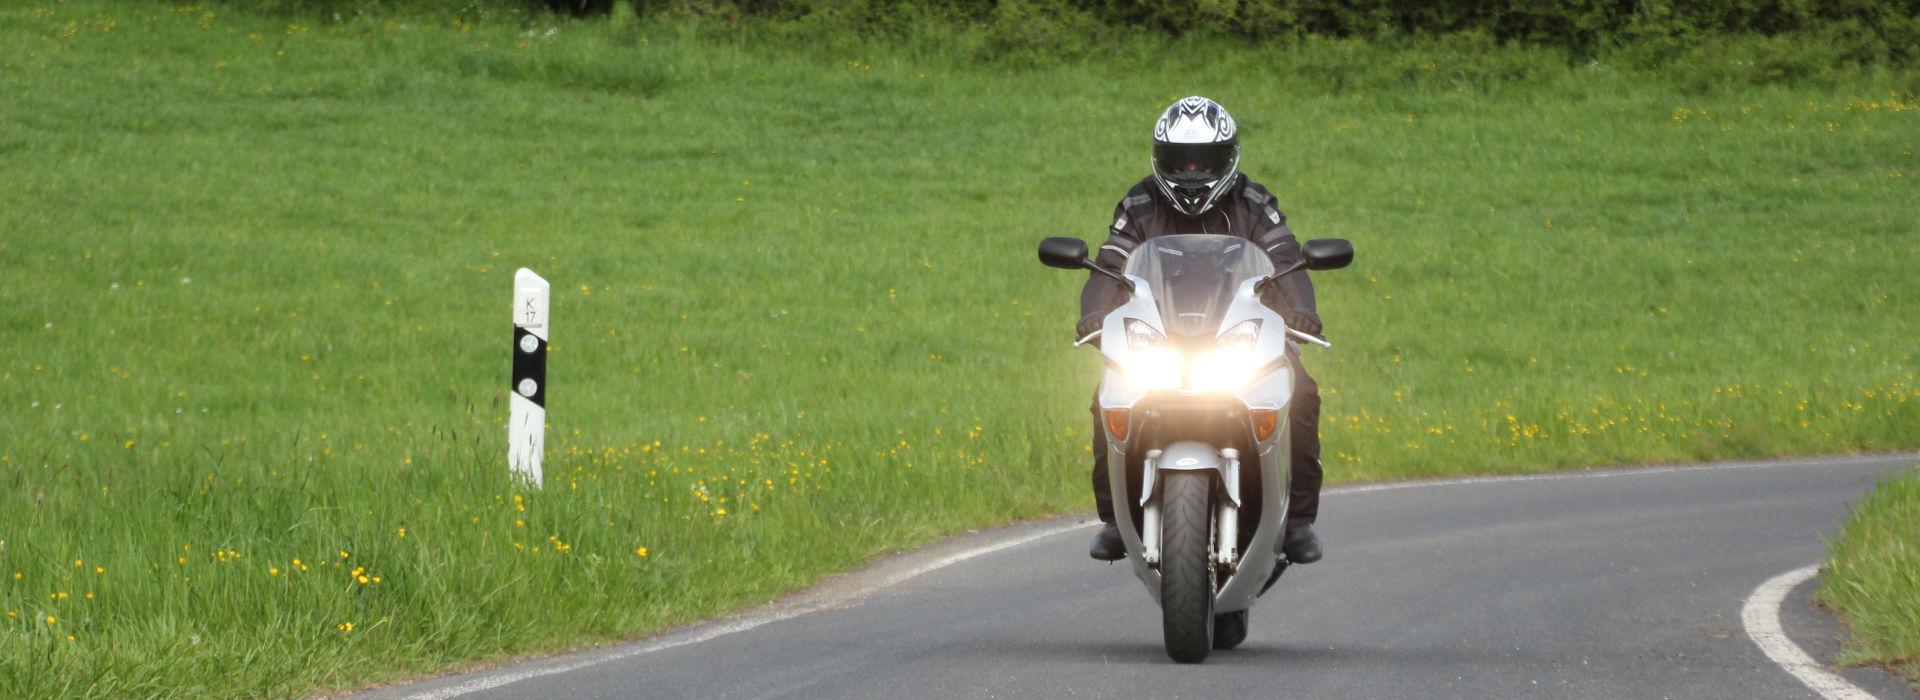 Motorrijschool Motorrijbewijspoint Oirsbeek motorrijlessen